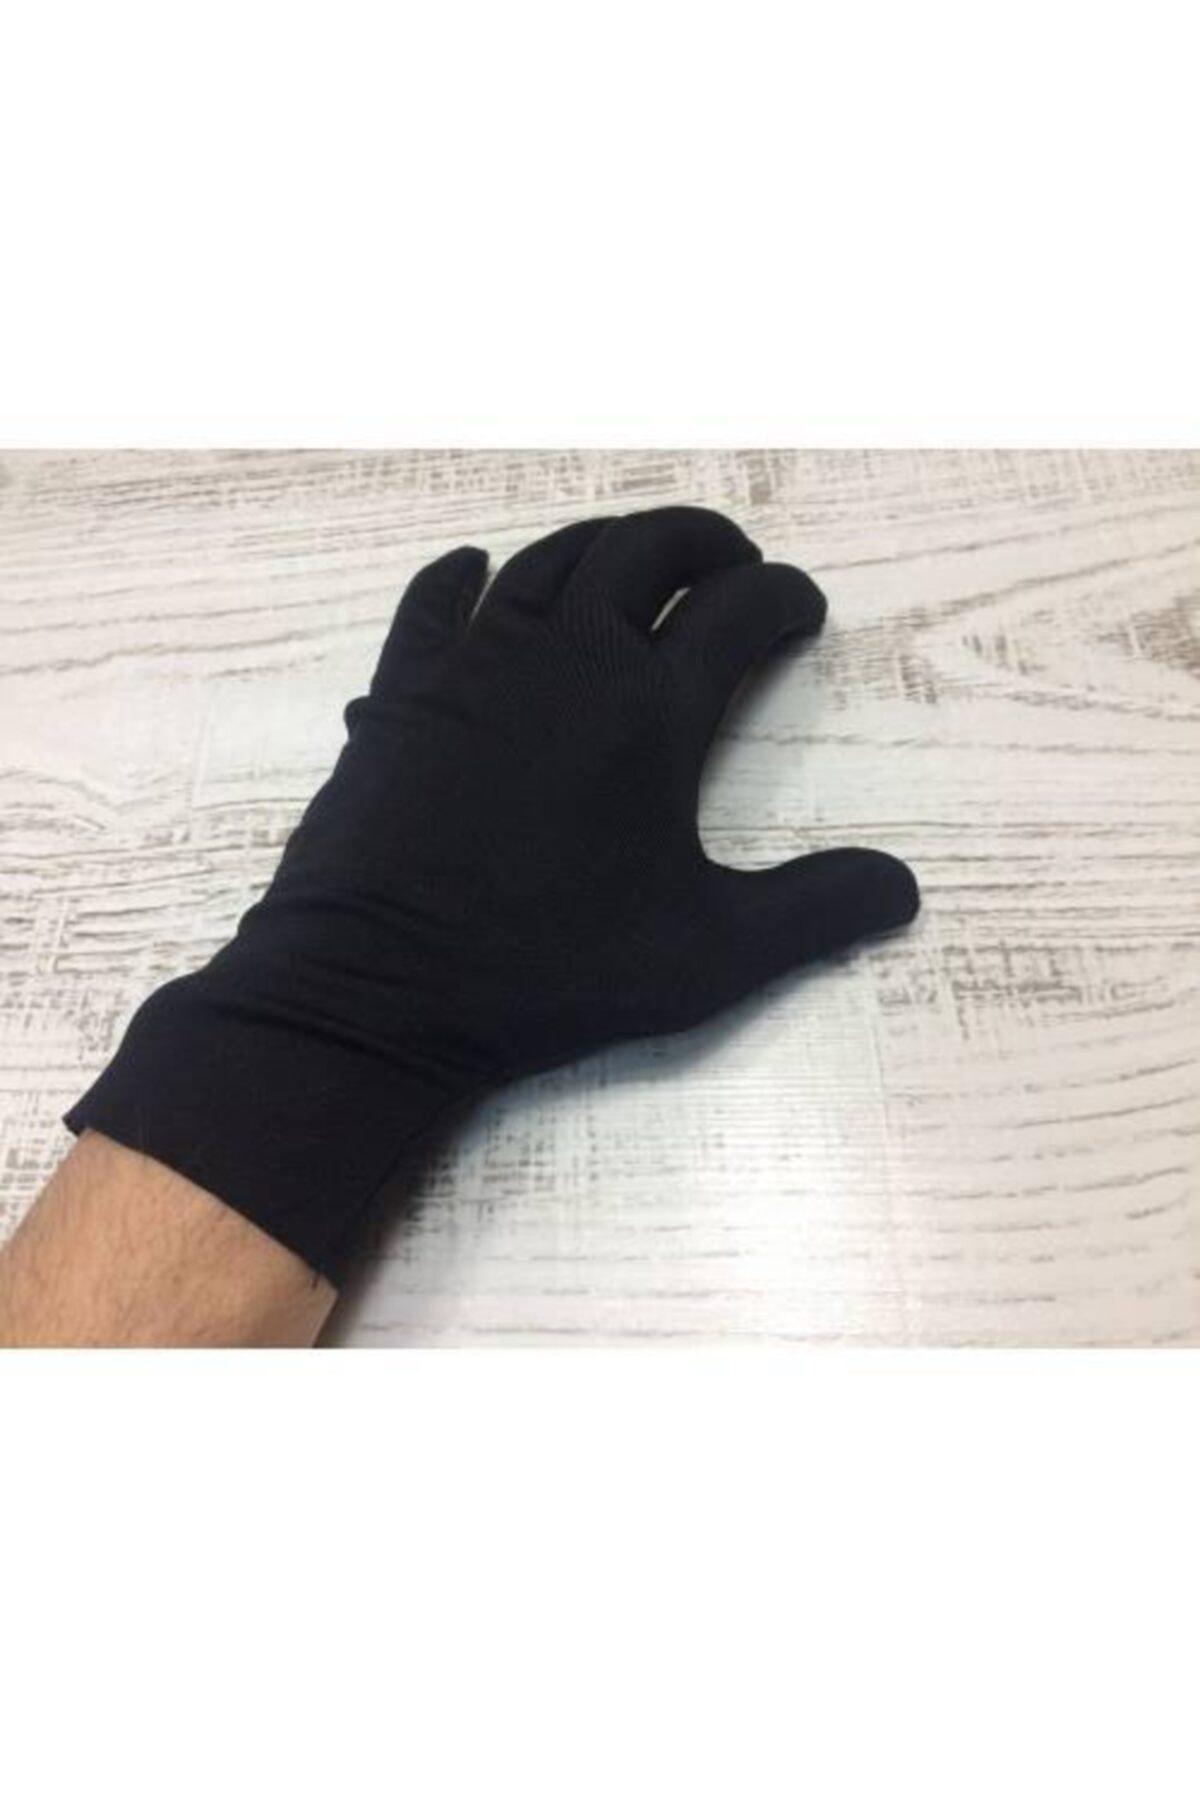 PR Yıkanabilir Eldiven Siyah Dalgıç Kumaş Eldiven ( Sadece Bayanlar Için S Beden ) 2